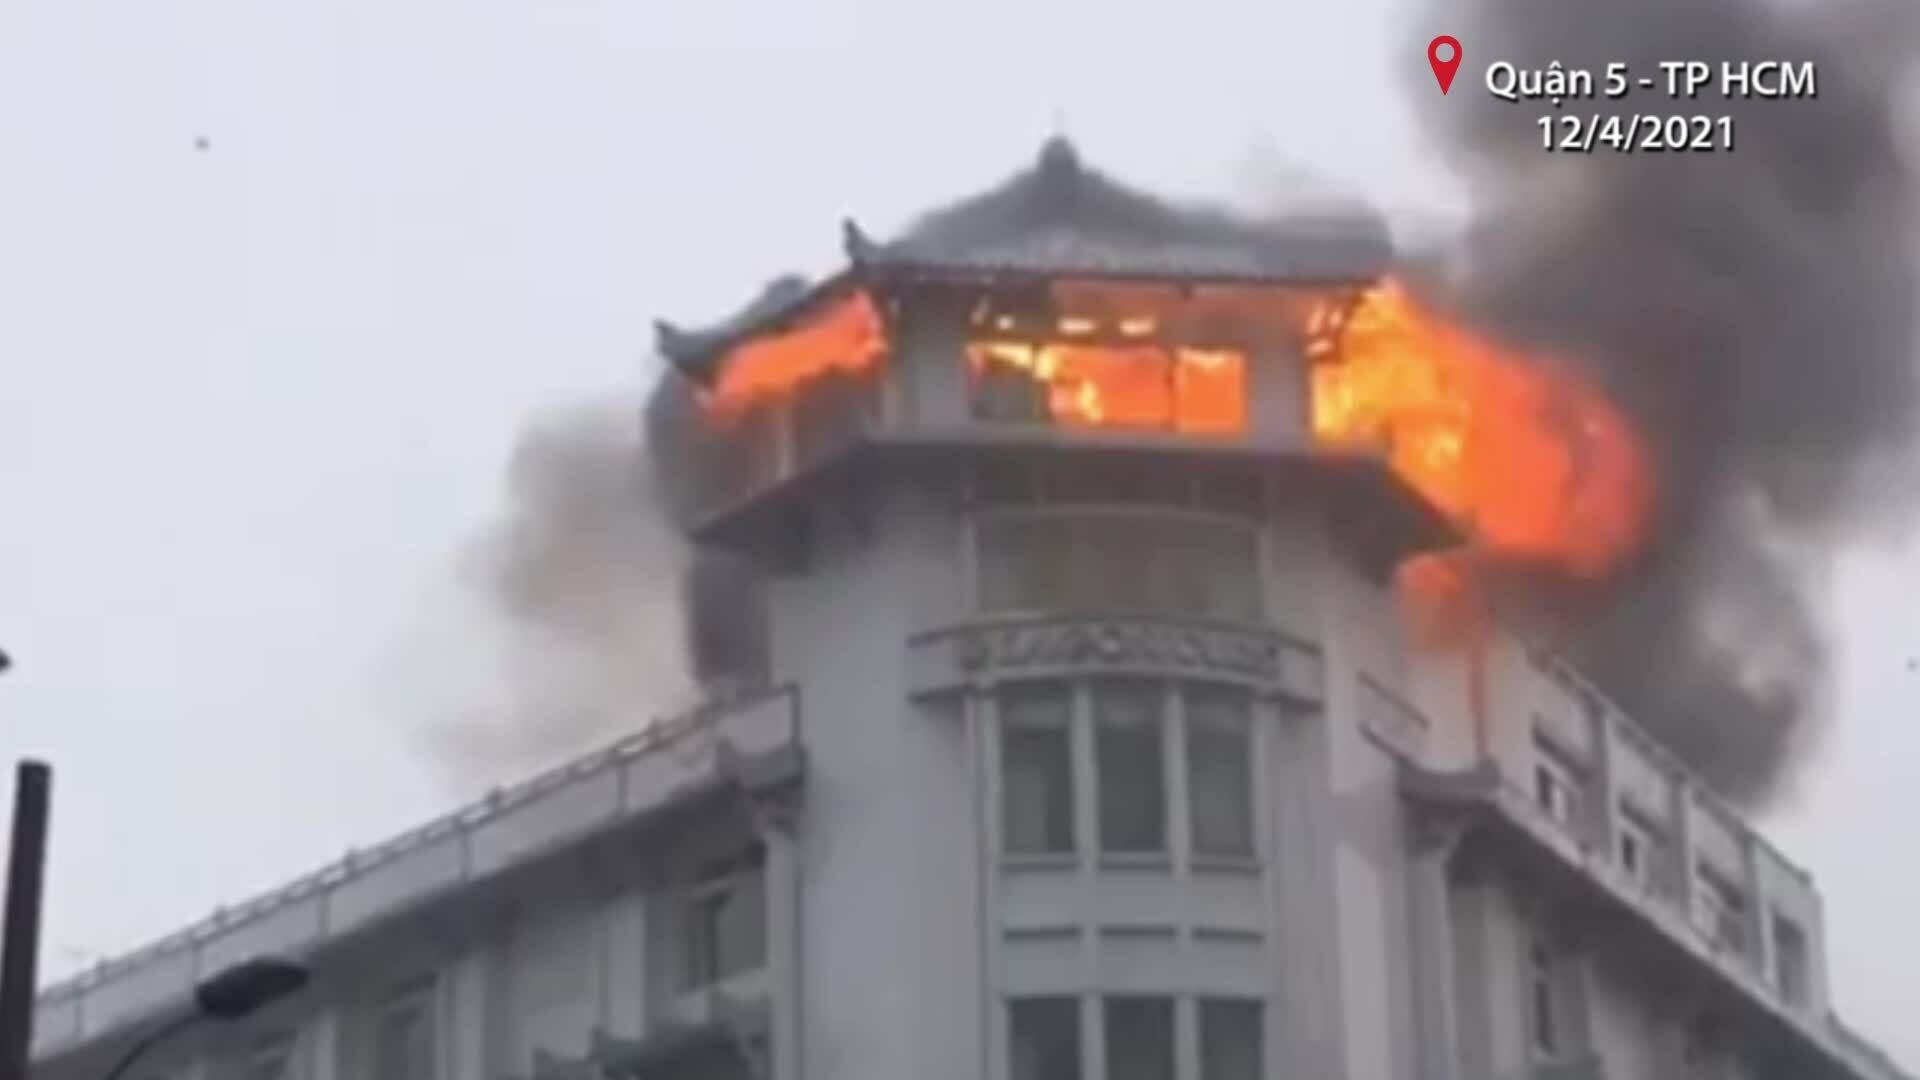 Cháy khách sạn quận 5